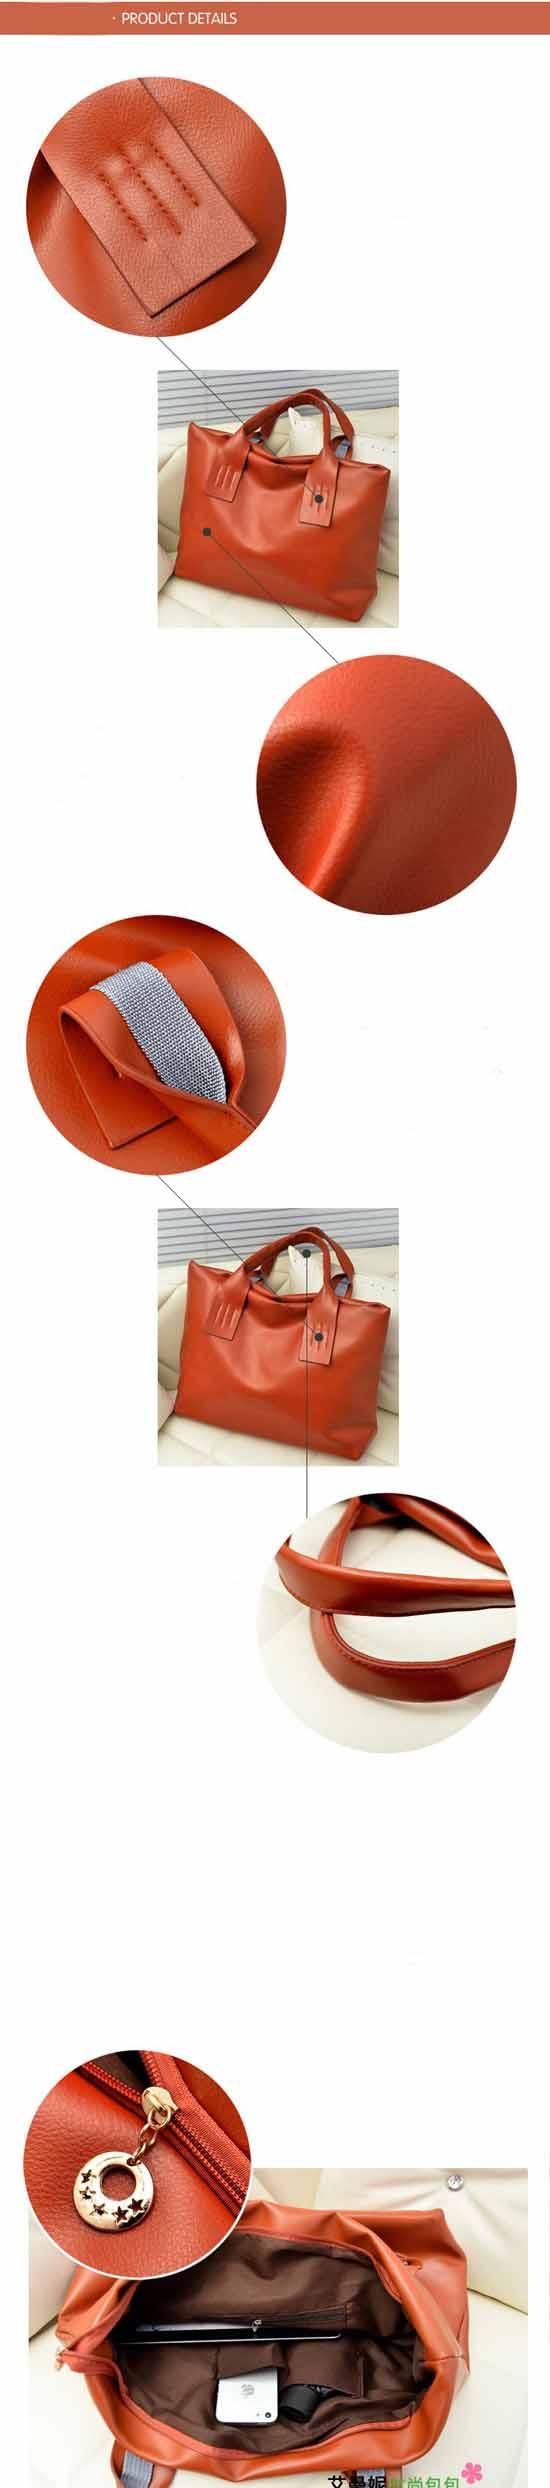 กระเป๋า สวยแนววินเทจใบใหญ่ นำเข้า พร้อมส่ง